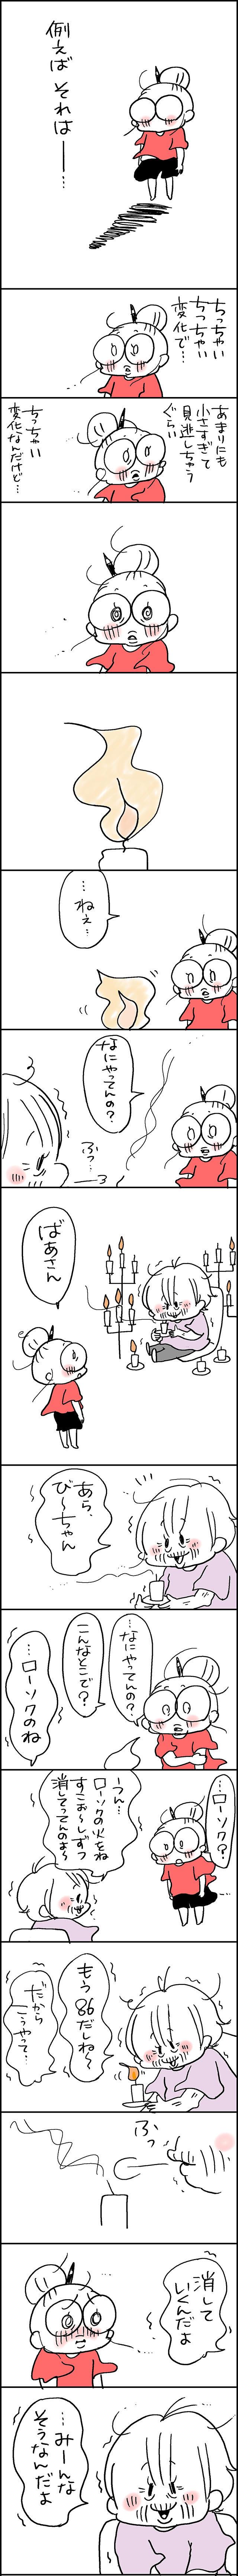 1_なとみさん画像.jpg